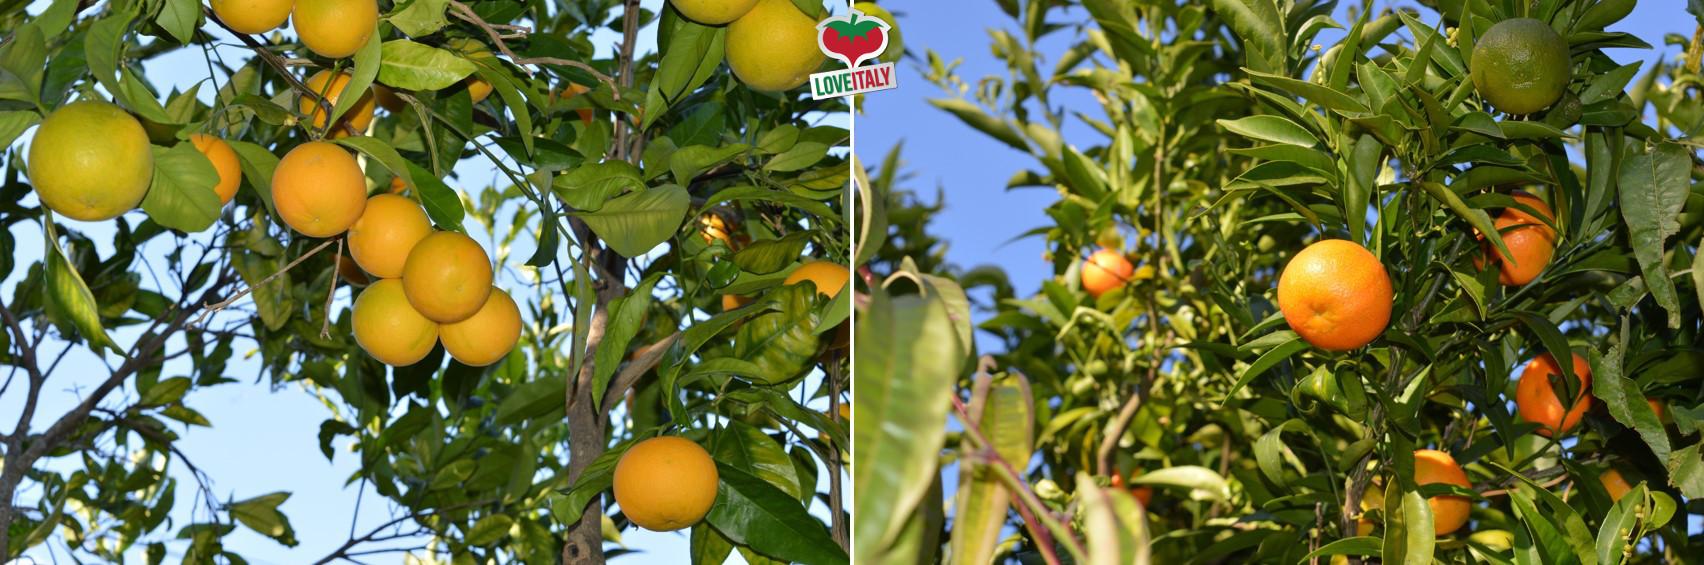 La frutta e la verdura di Febbraio